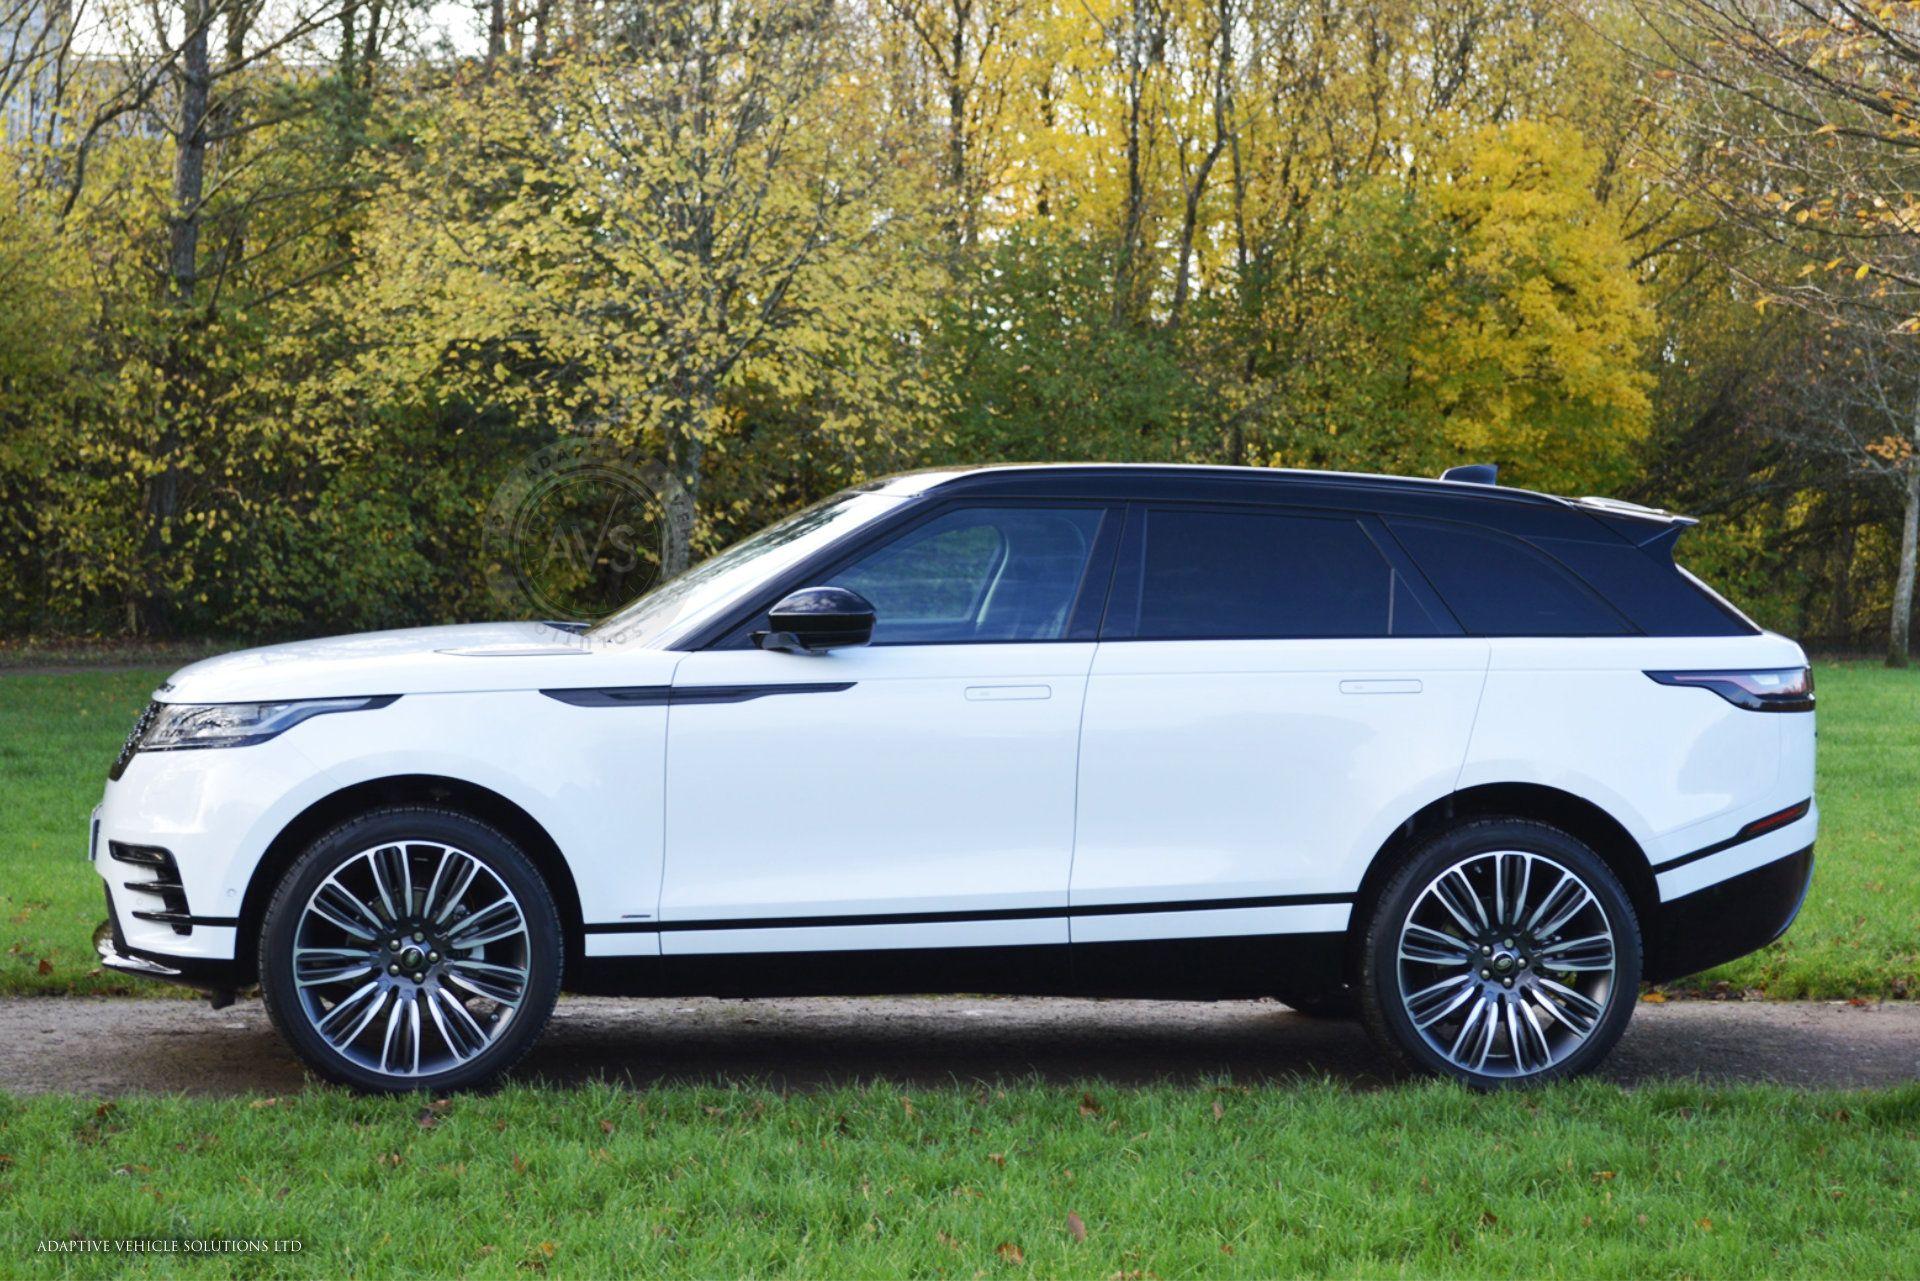 Image Result For 2018 Range Rover Velar White Range Rover Range Rover Supercharged New Range Rover Sport